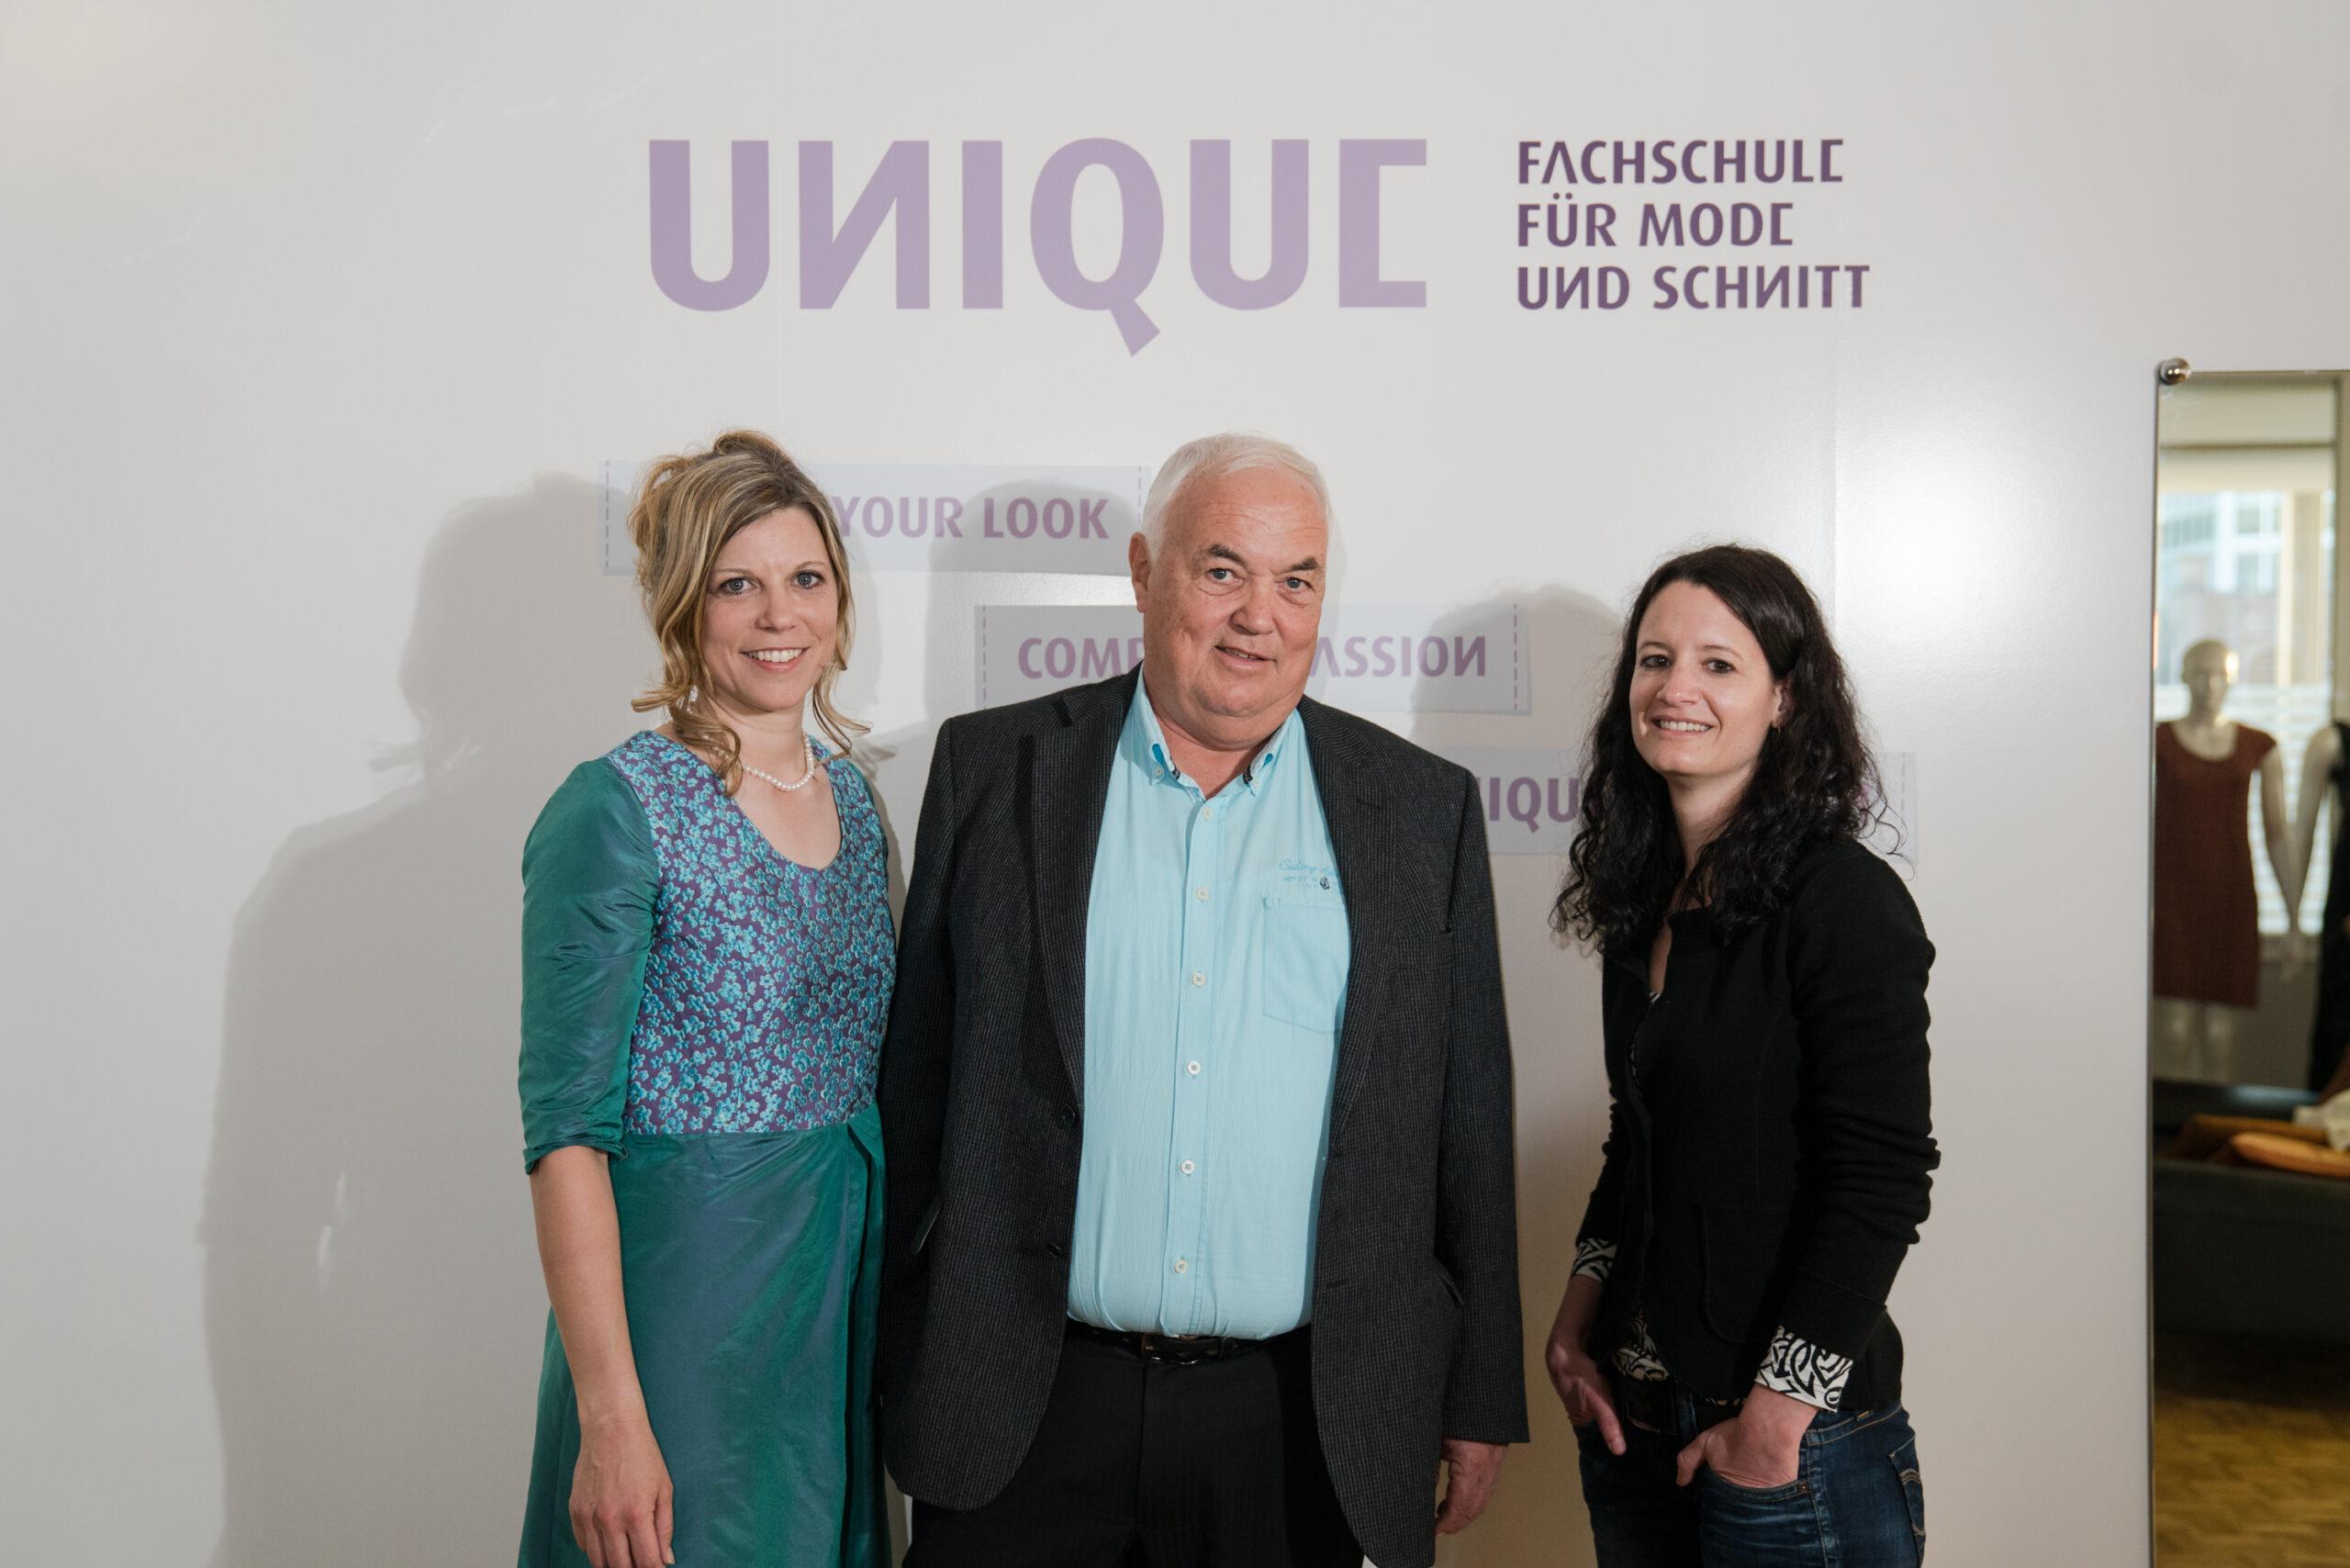 Eröffnungsfeier UNIQUE Fachschule